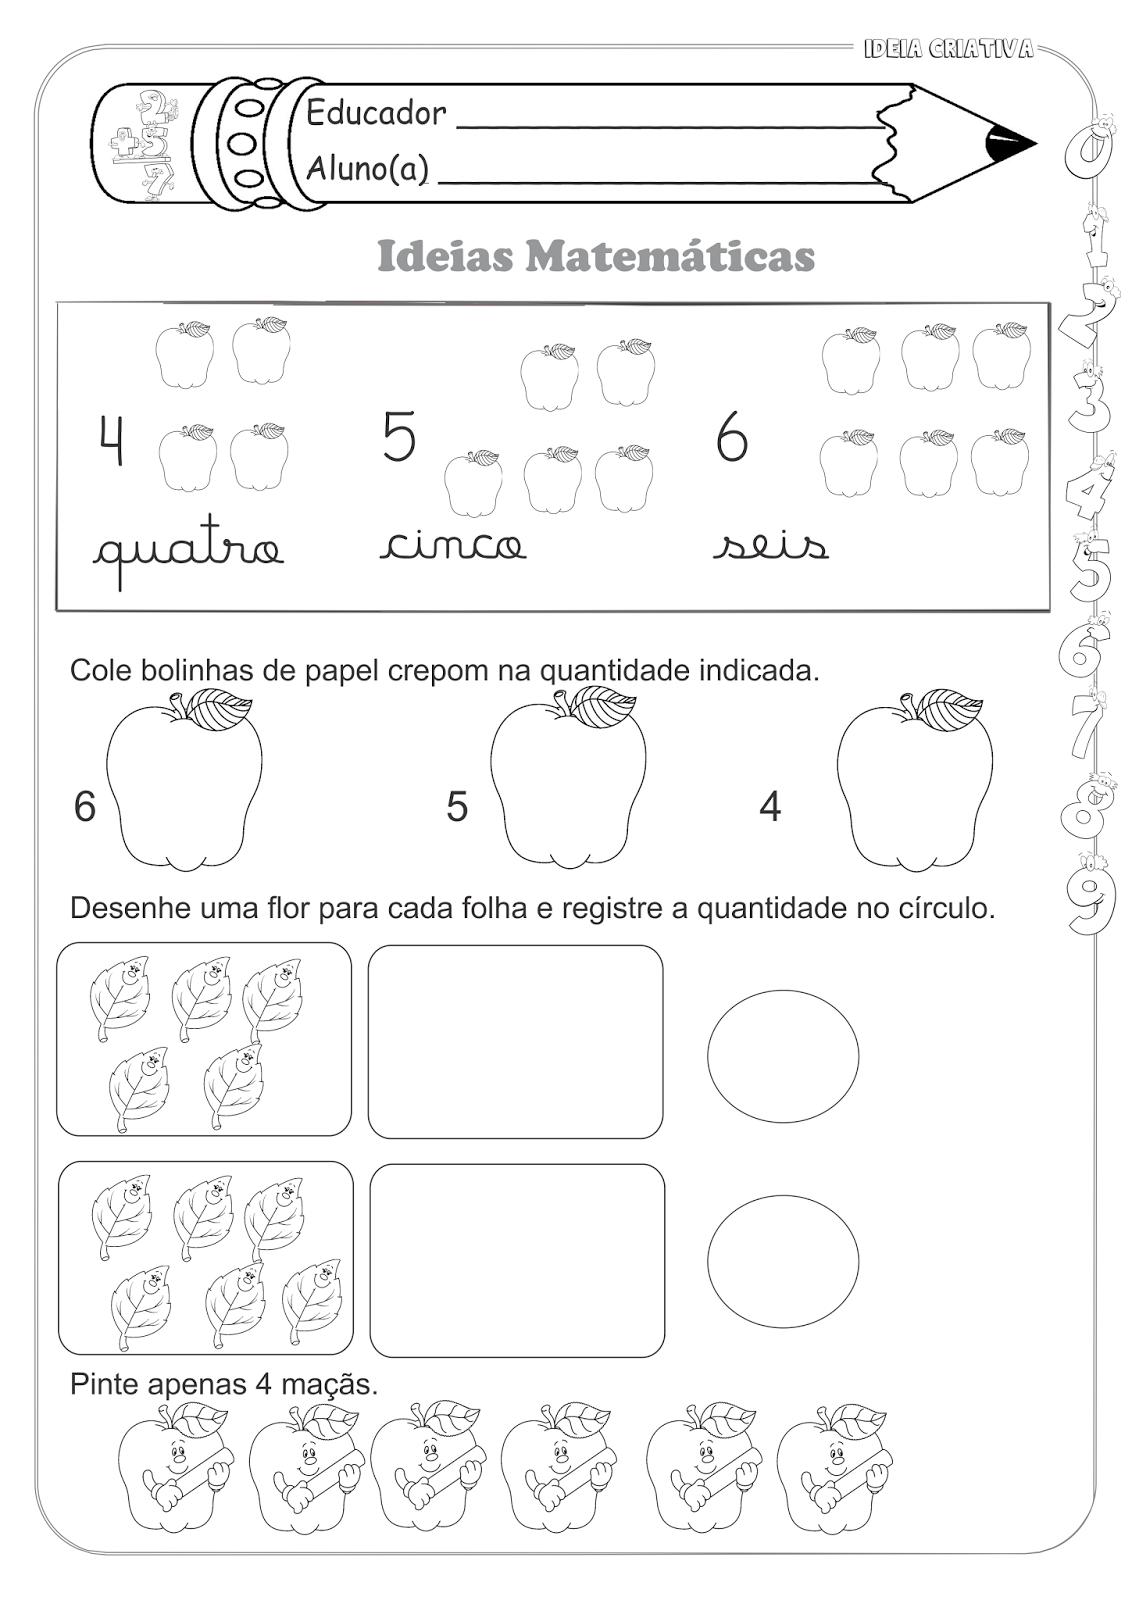 Atividades Educativas Matemática Número e Quantidade para Ensino Fundamental